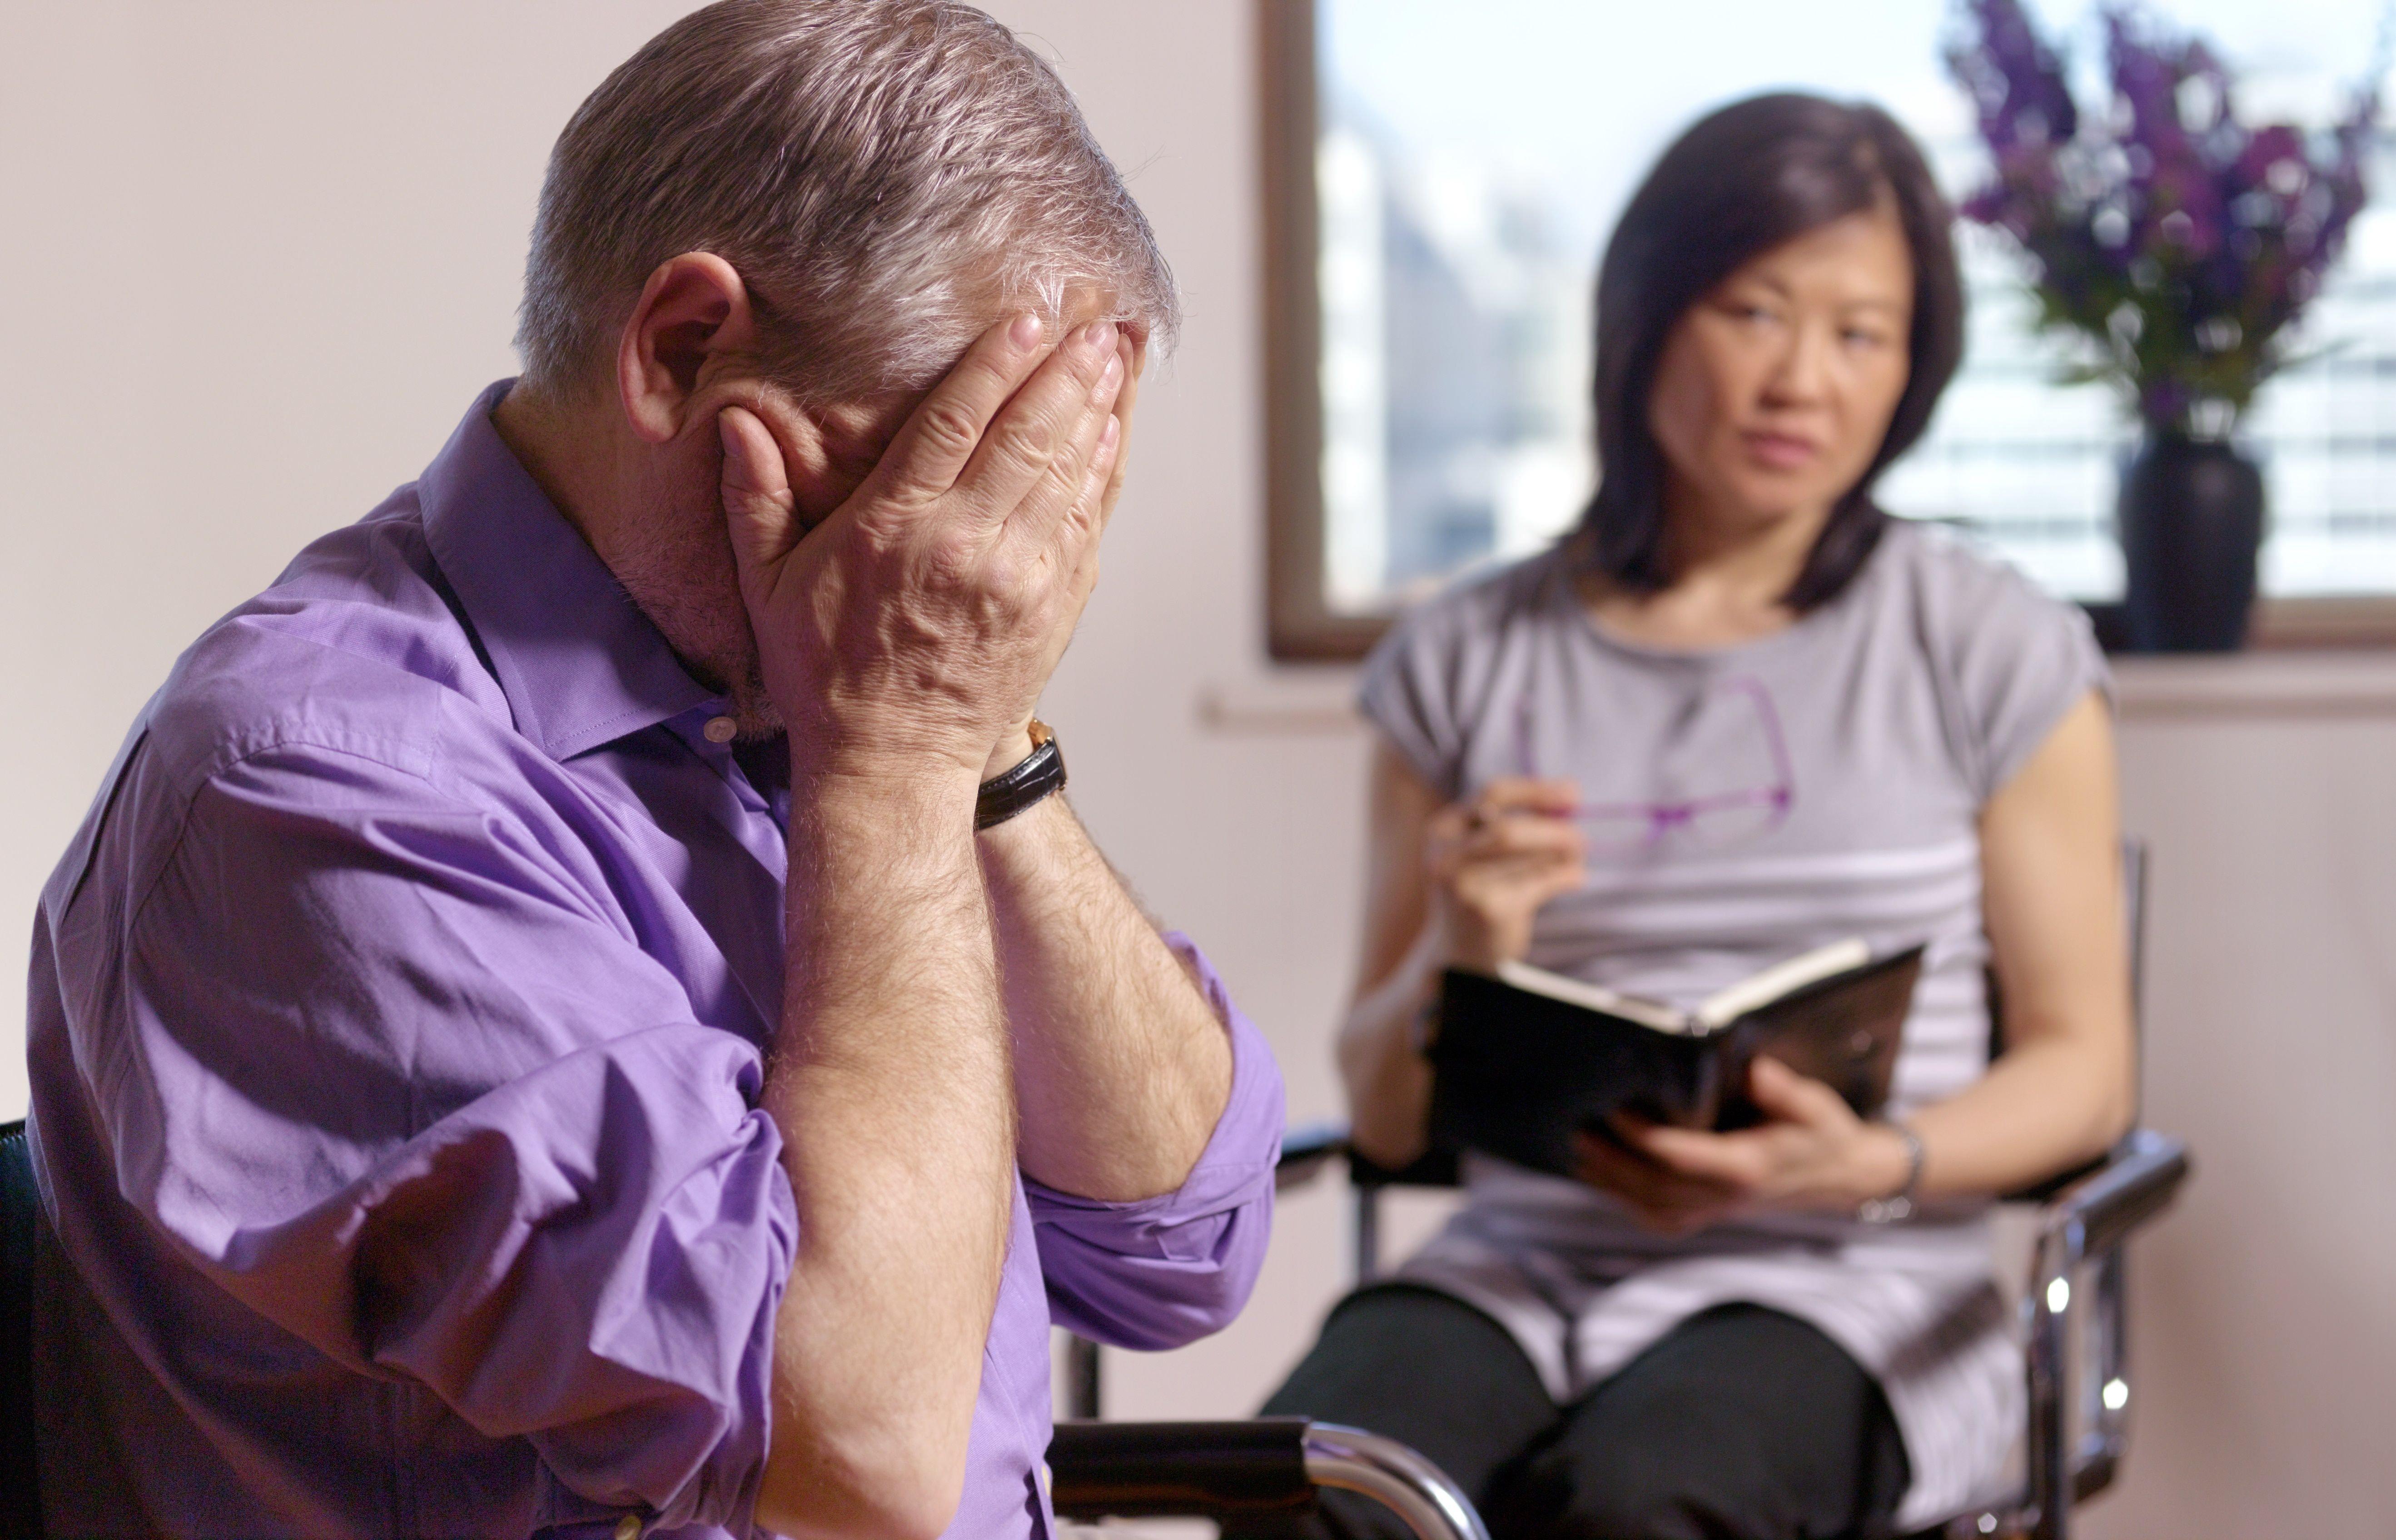 Психологические причины аритмии сердца и их устранение. | быть здоровыми - наш выбор!